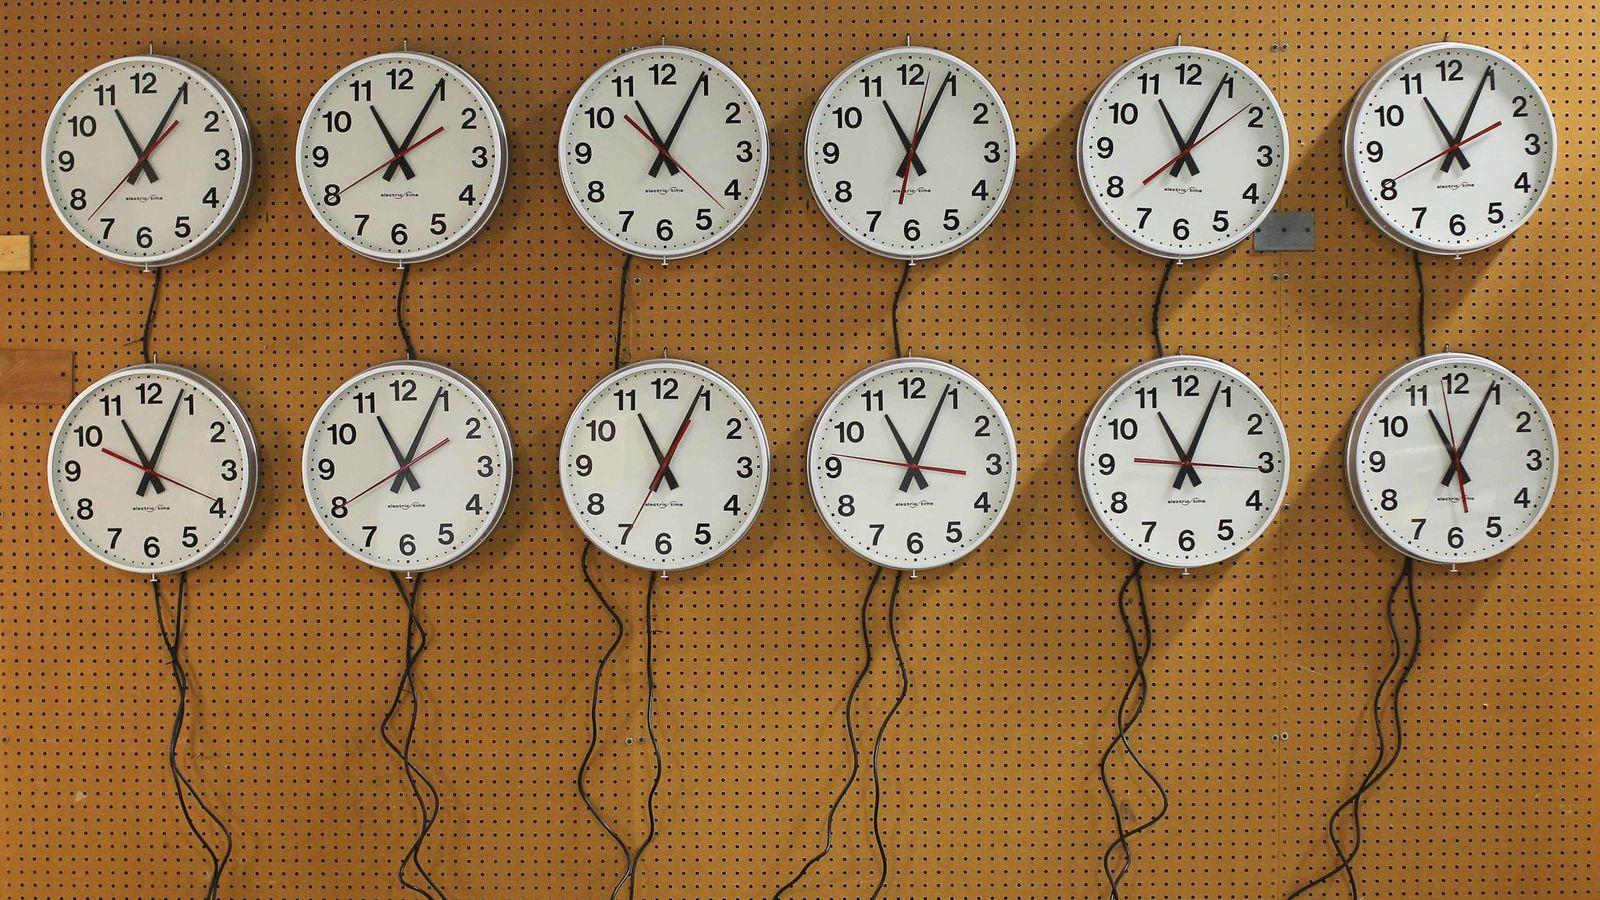 Foto: Quedan menos de 24 horas: ¿qué sucederá si el banco bloquea su cuenta corriente?